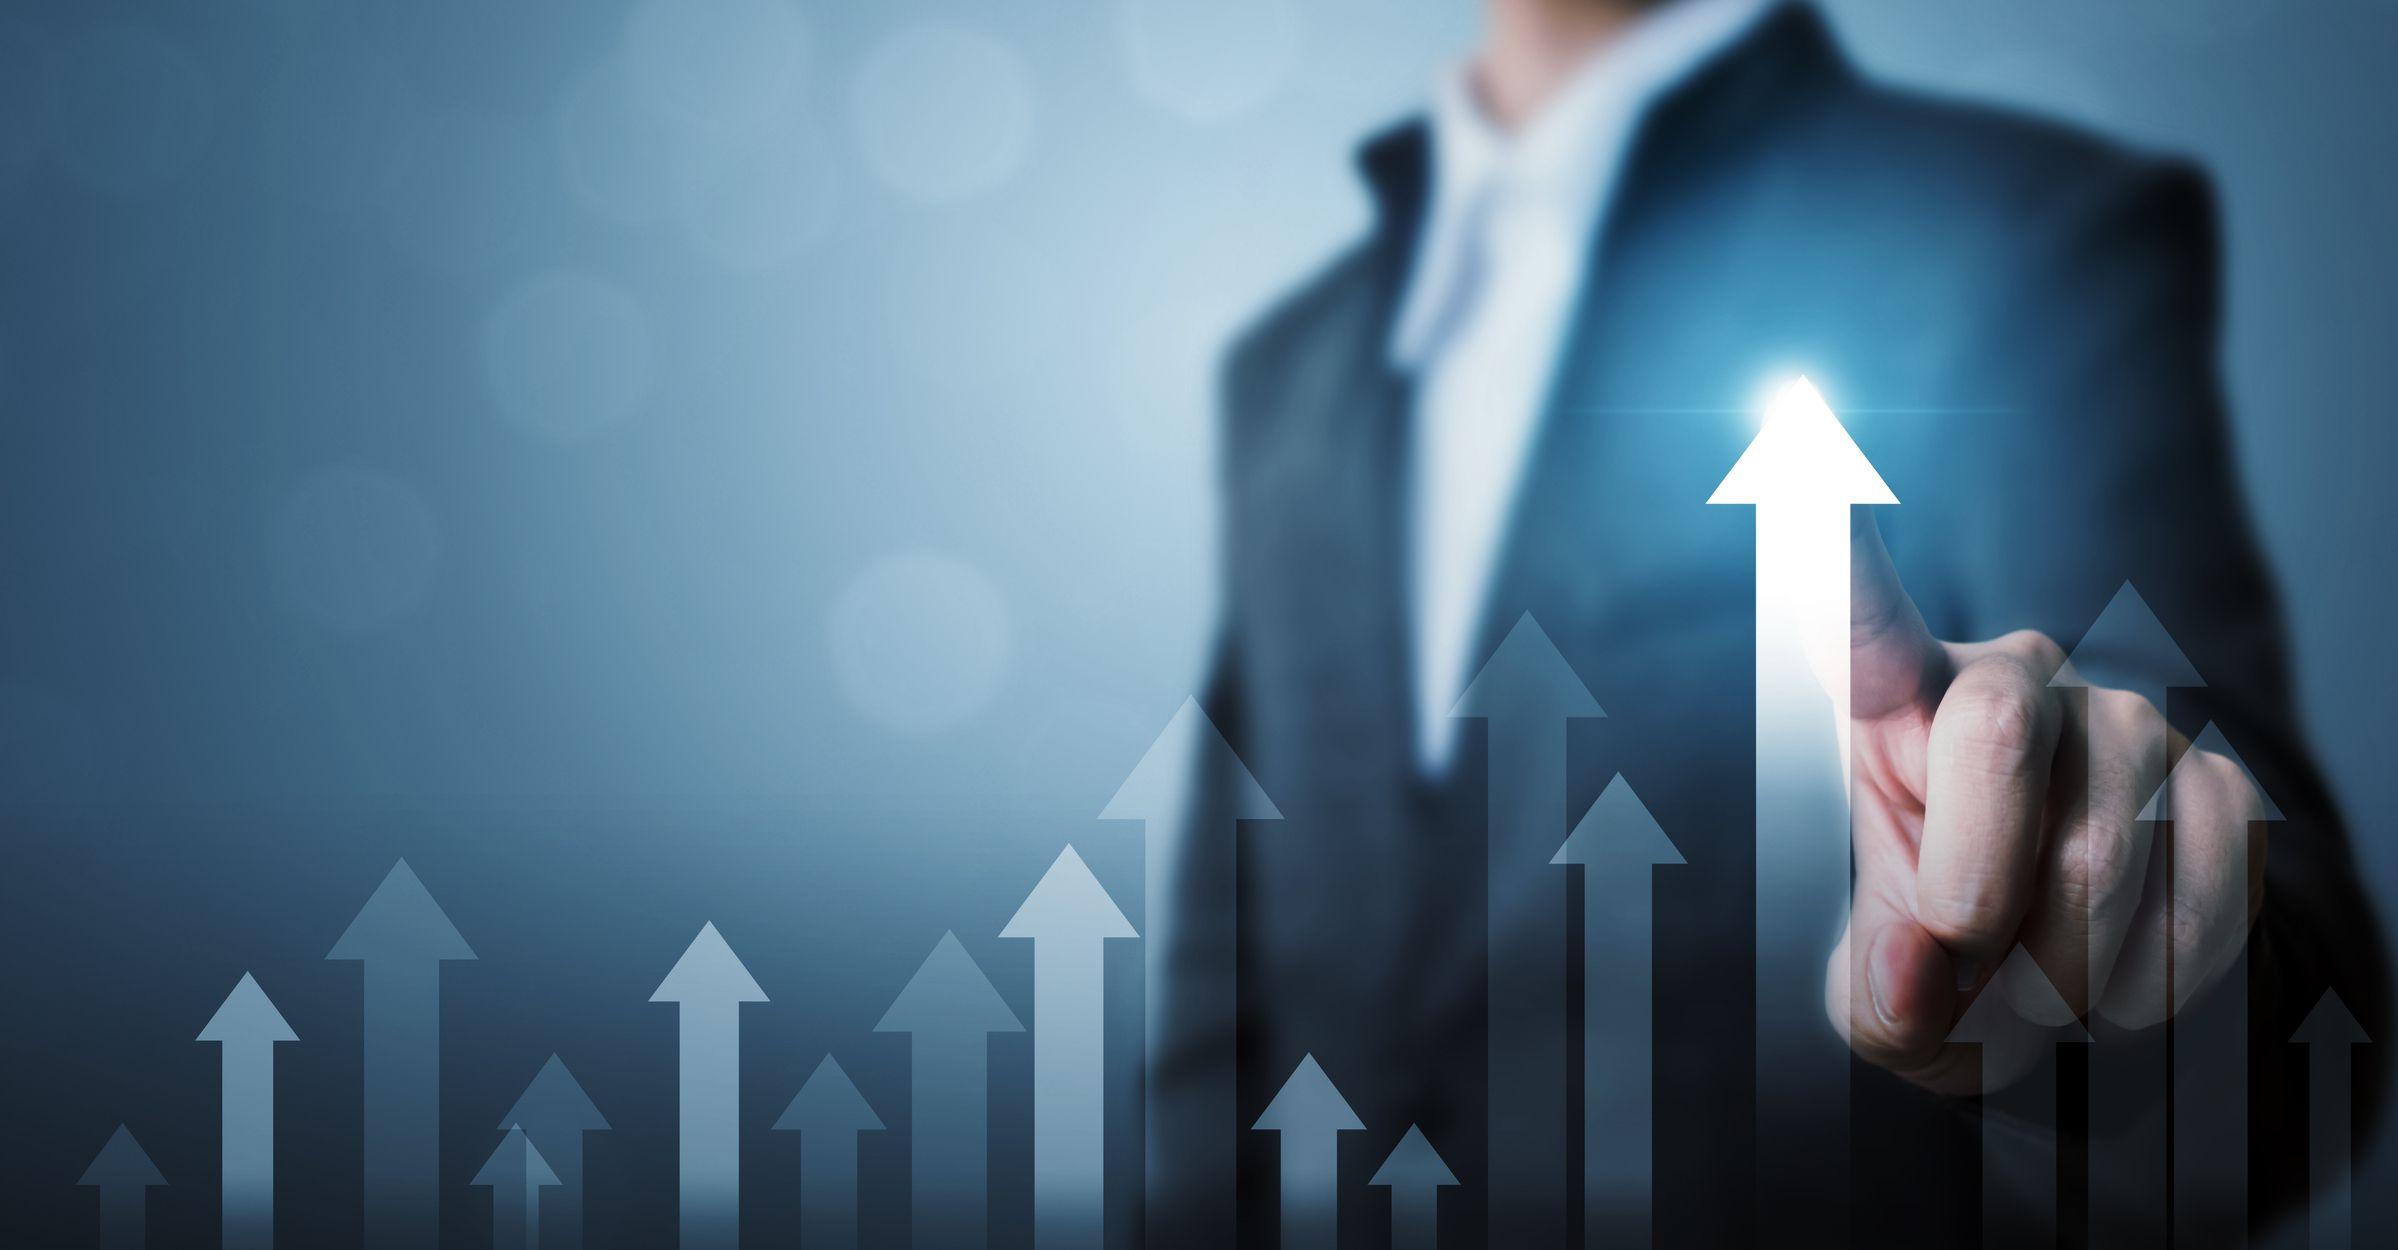 أبرز الأخطاء التي يقع بها رواد الأعمال عند البدء بنشاط تجاري (7 أخطاء)